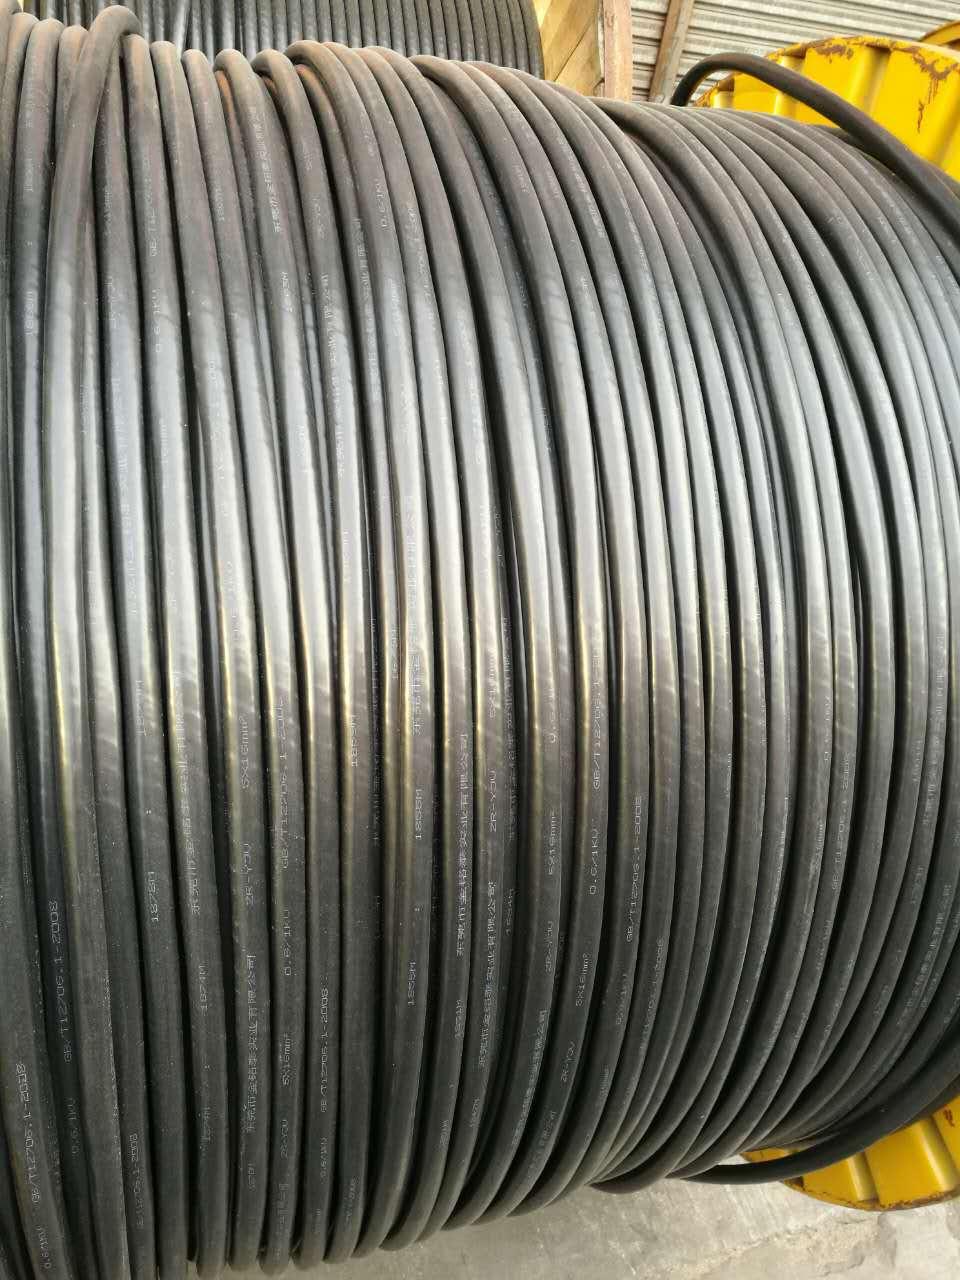 山东省东营市河口区废旧防火电缆回收二手变压器回收电缆回收单位--称重